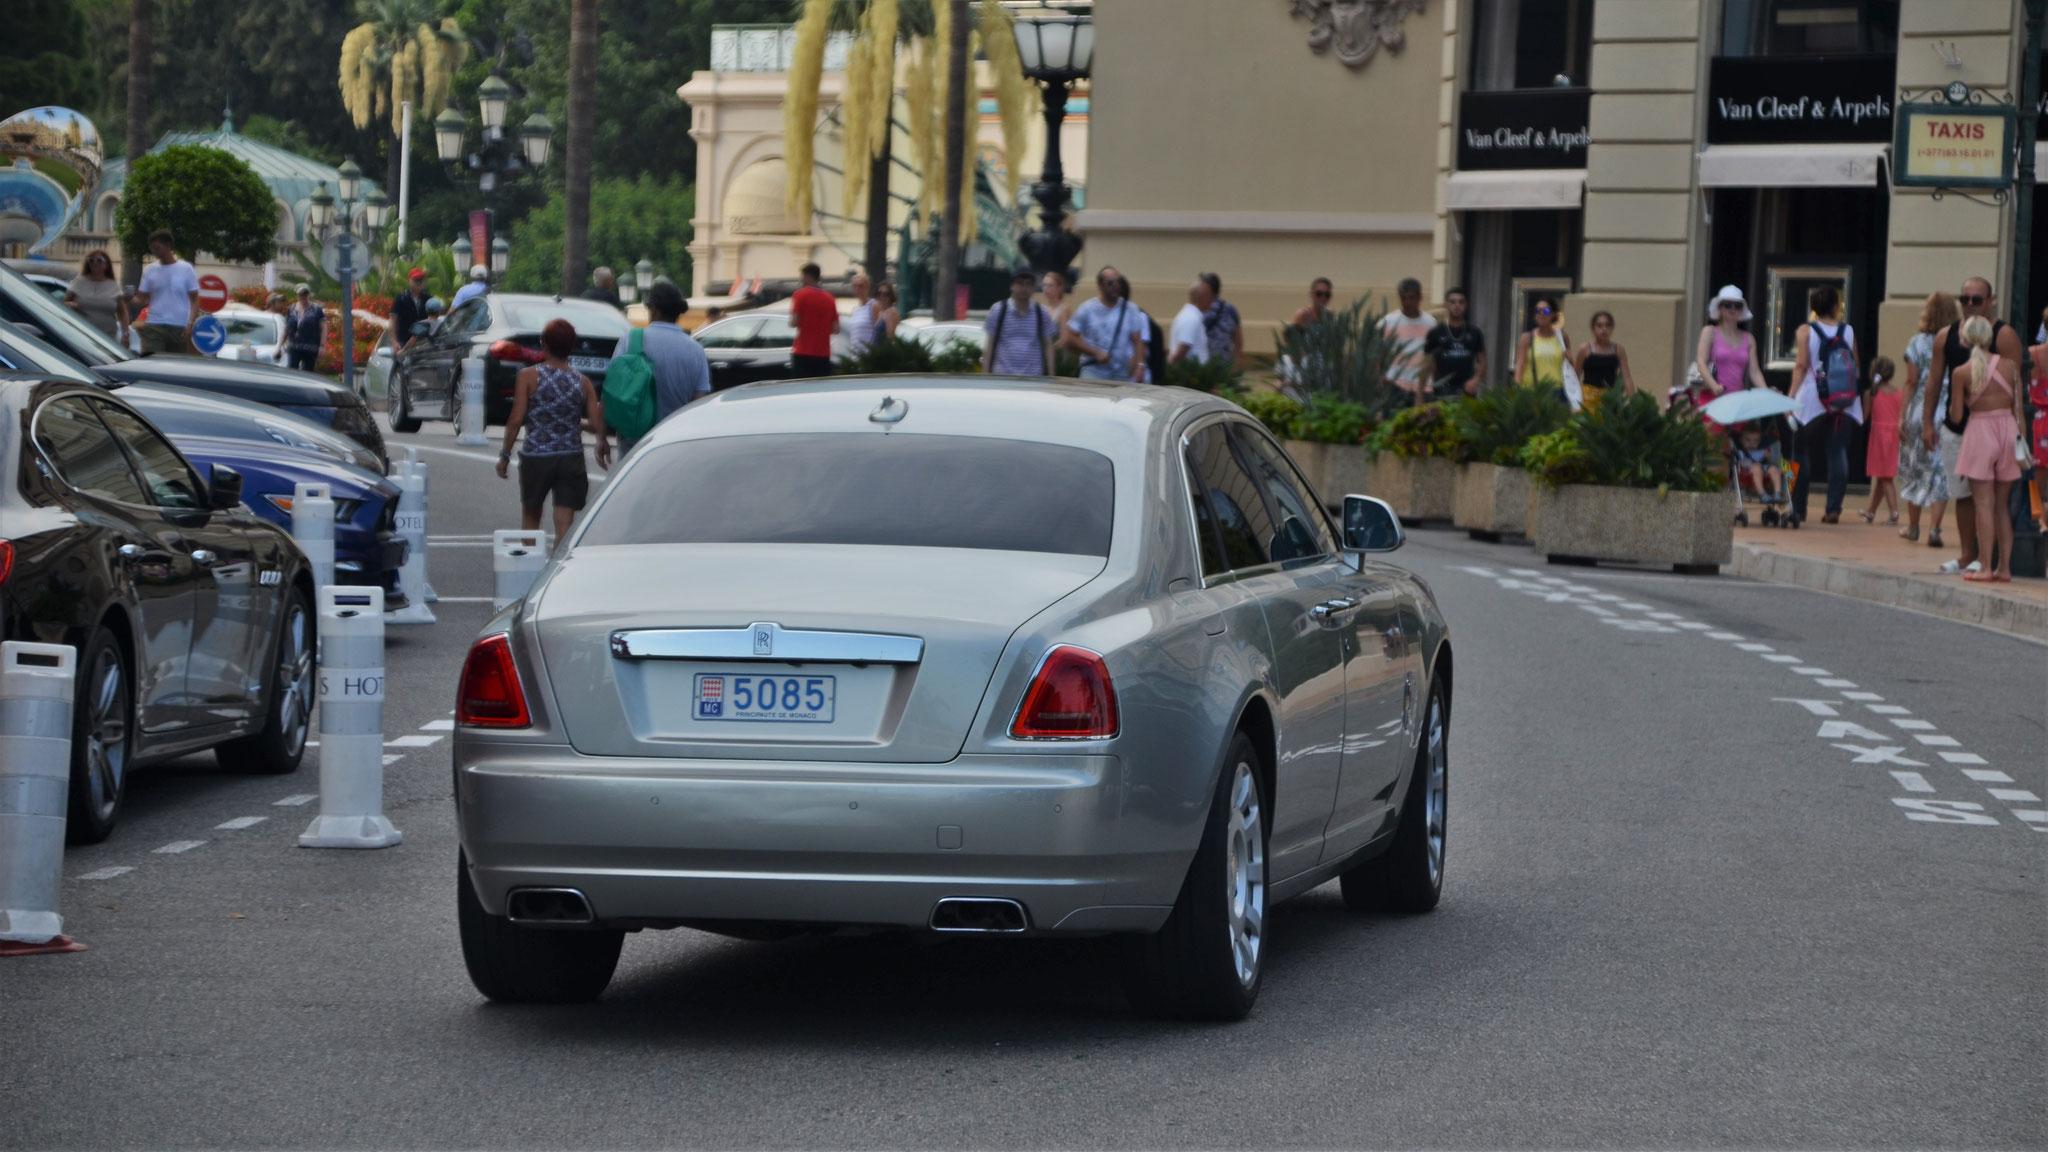 Rolls Royce Ghost - 5085 (MC)